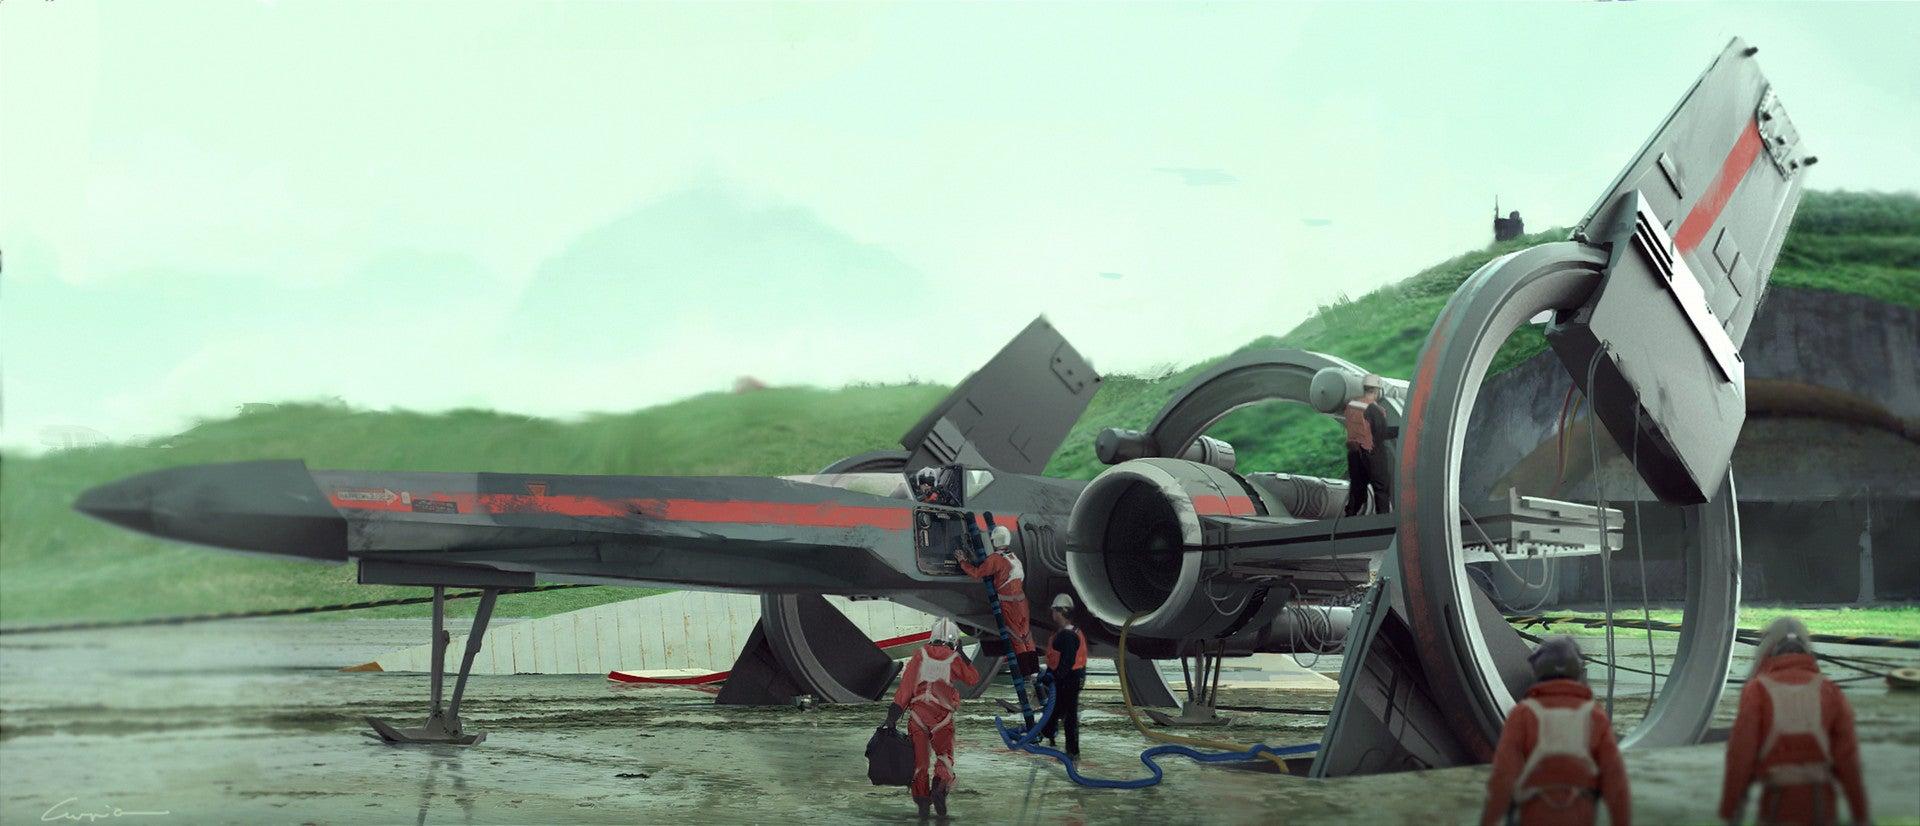 X-Wing, Y-Wing...Z-Wing?